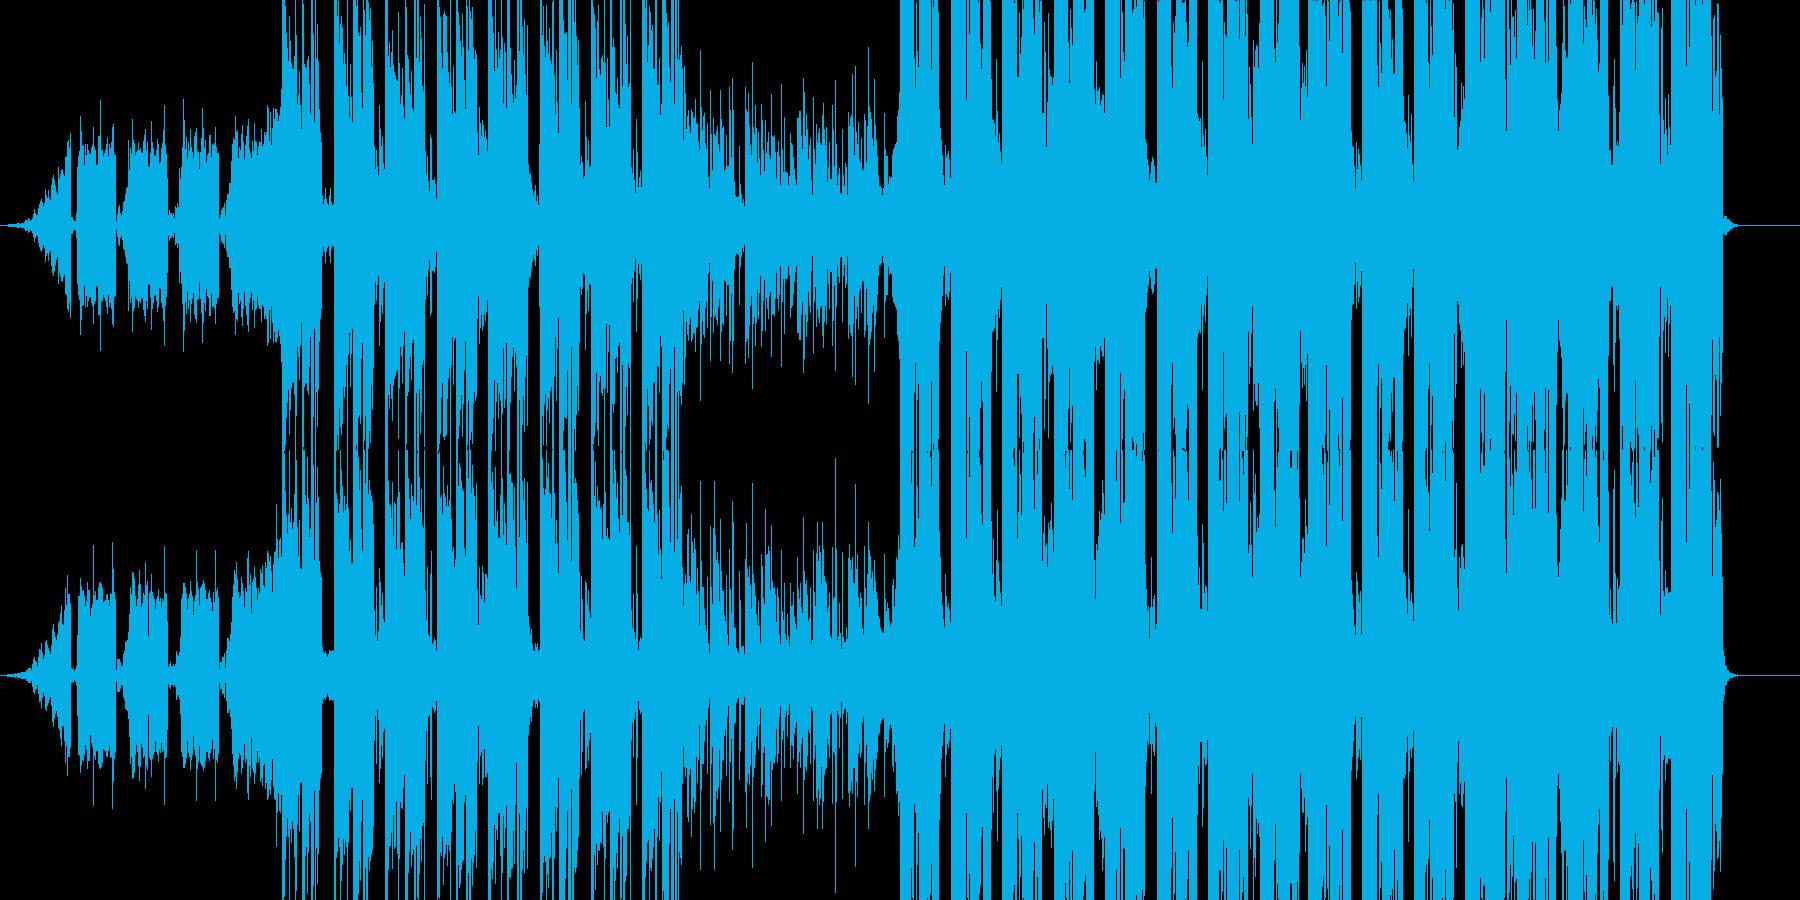 エモい洋楽/Kpop系のトラックの再生済みの波形